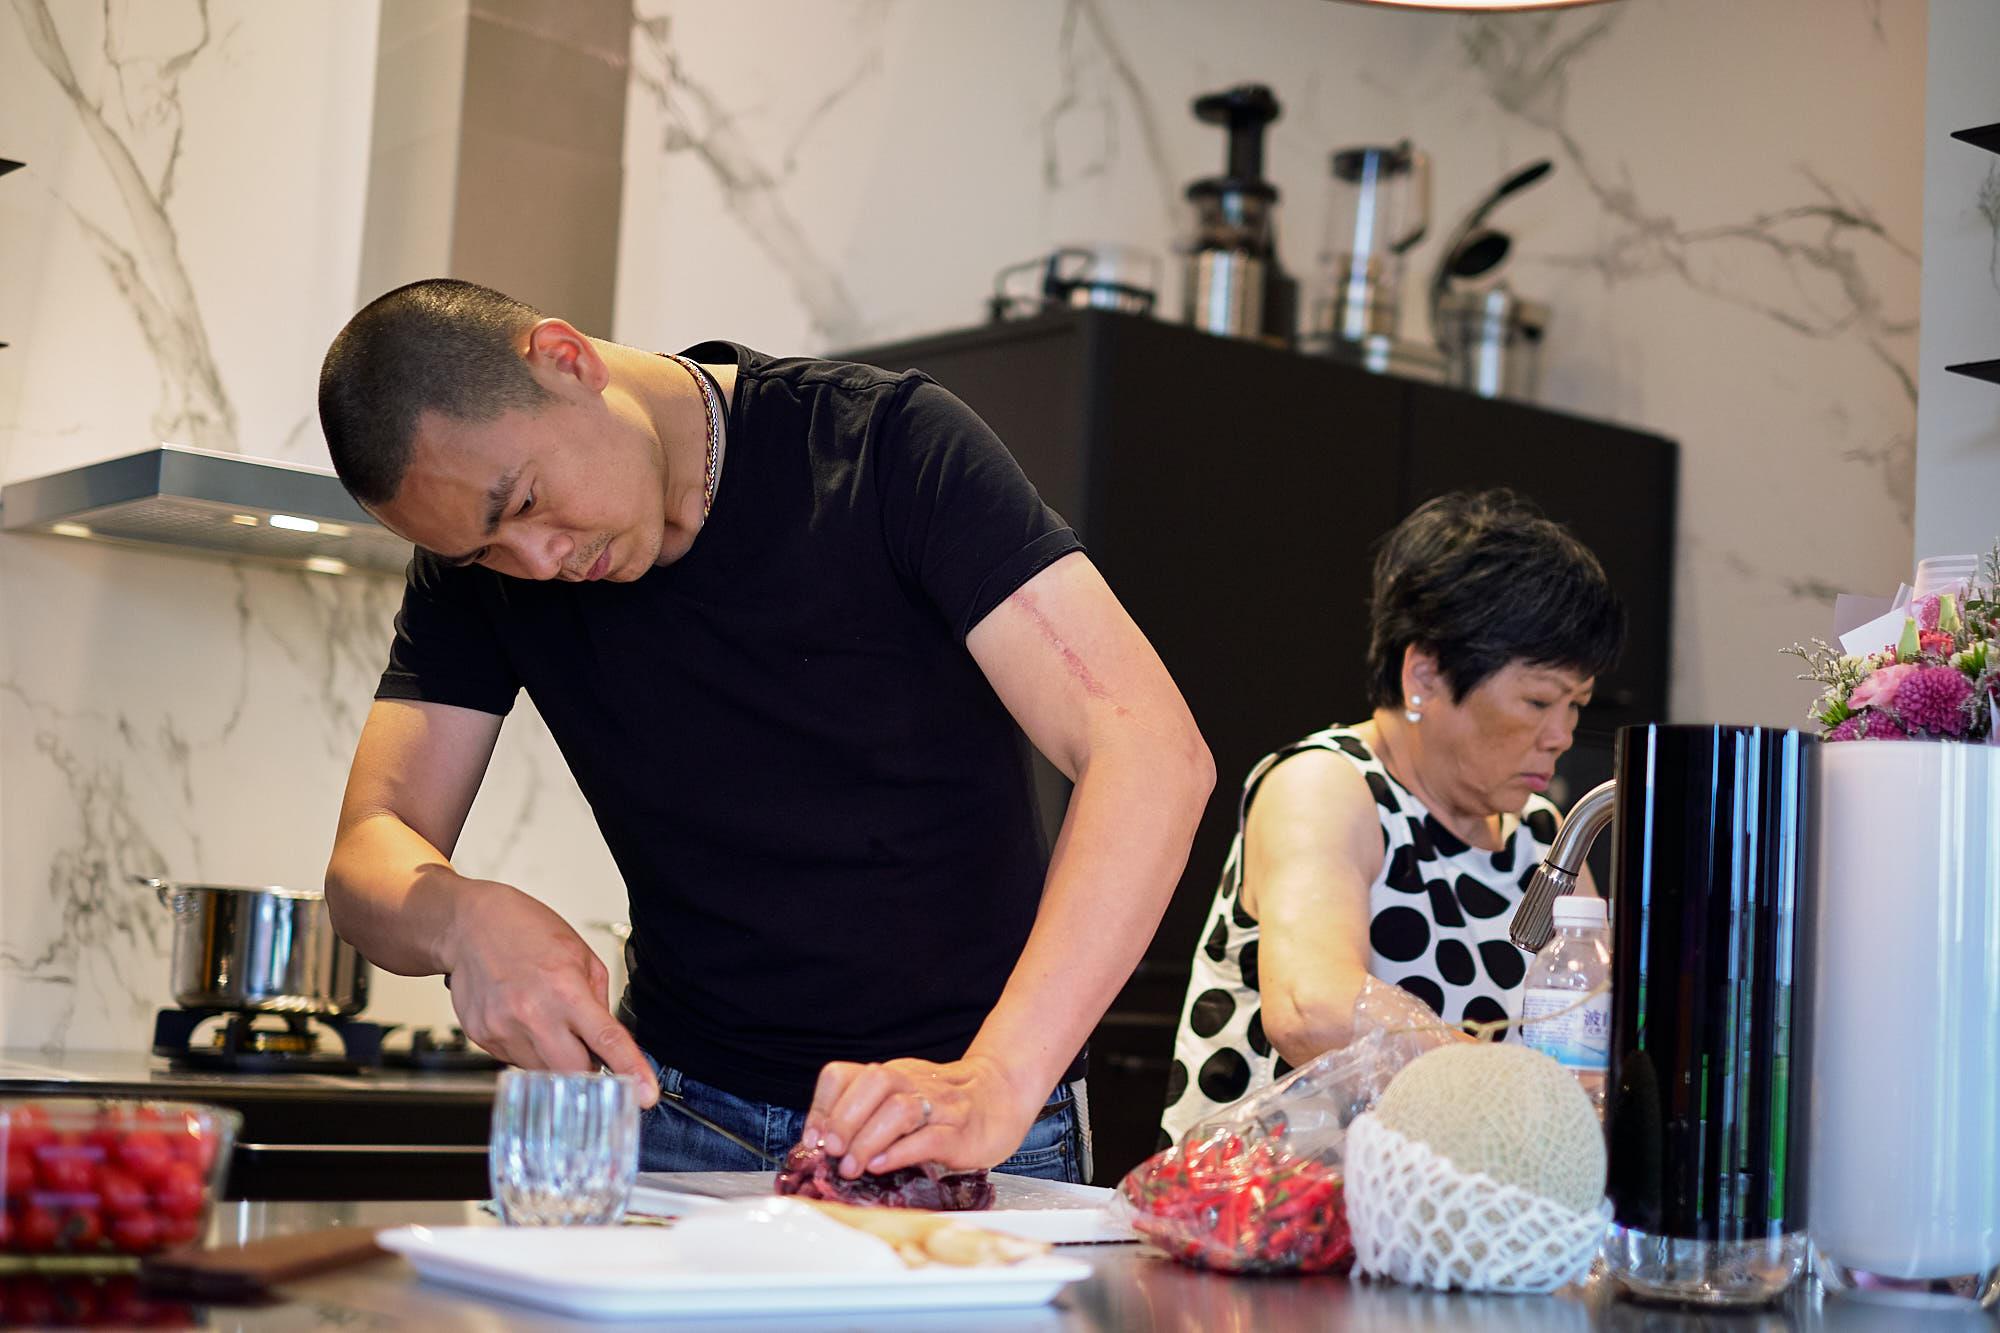 江振誠跟媽媽一起下廚,媽媽是他料理的啟蒙。(牽猴子整合行銷提供)